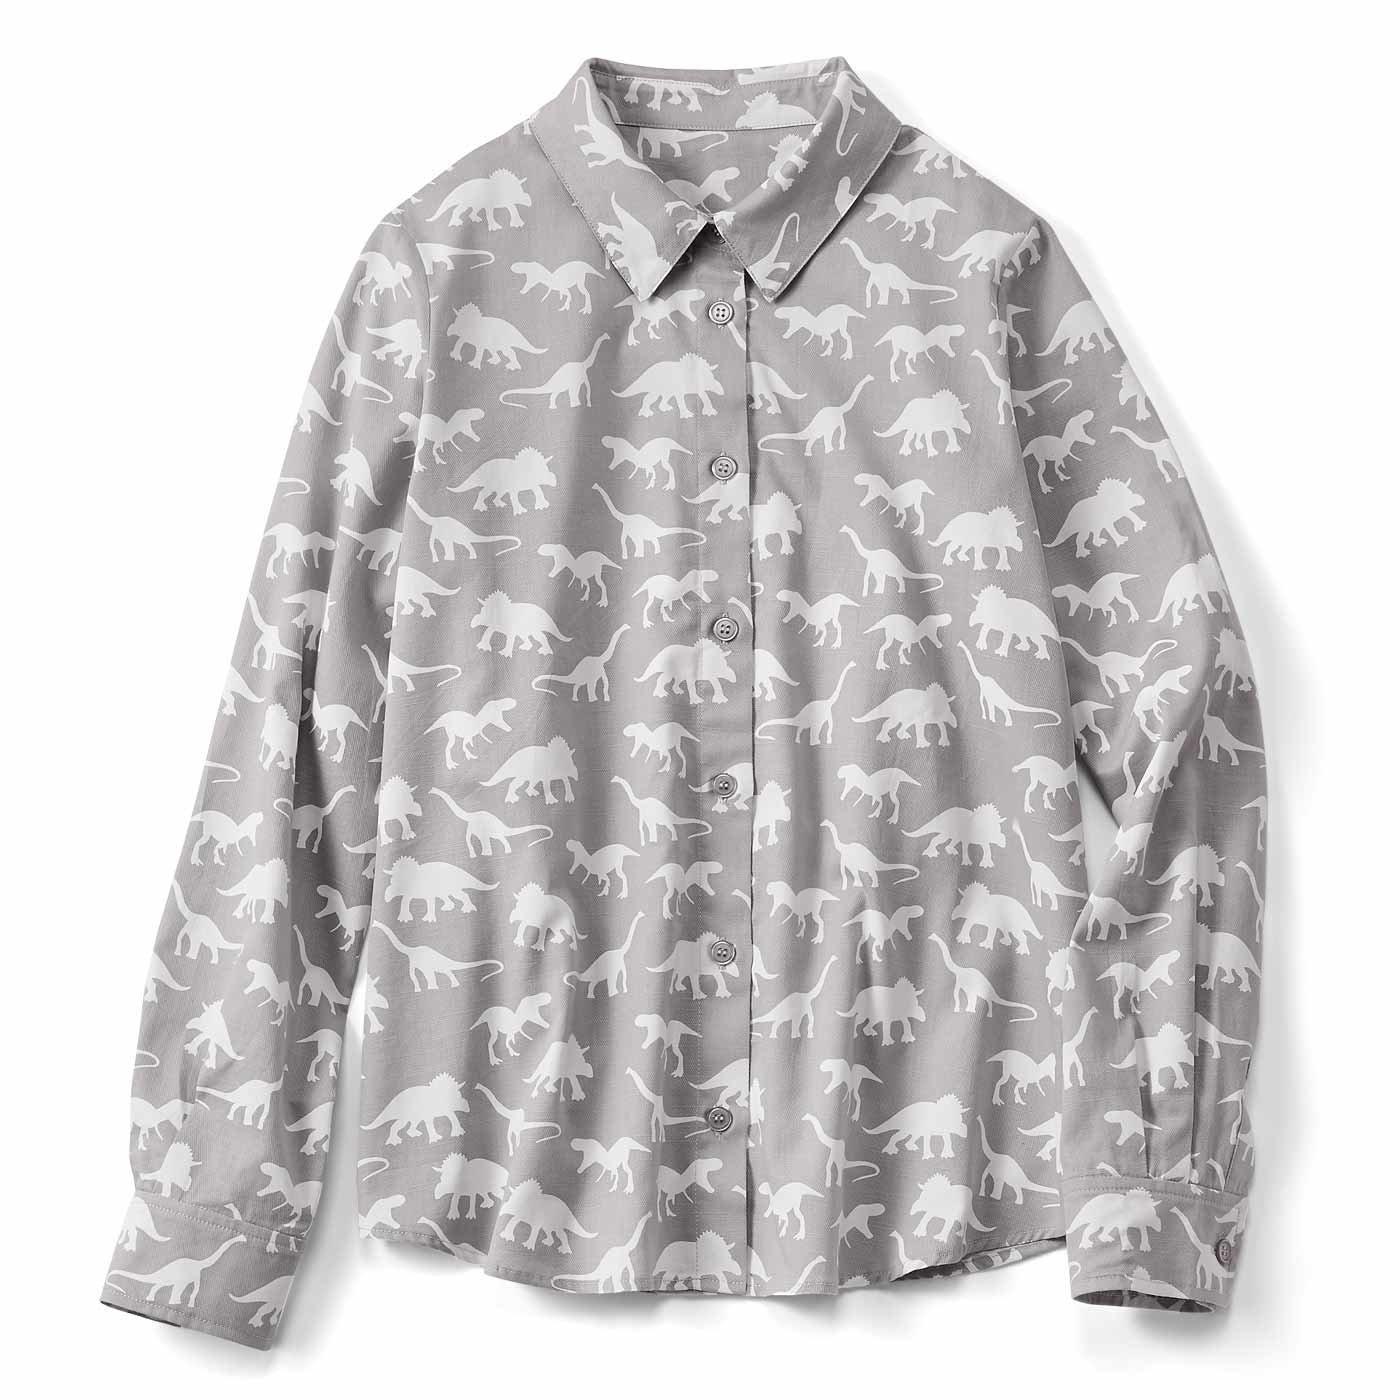 くすっと楽しい 恐竜柄シャツ